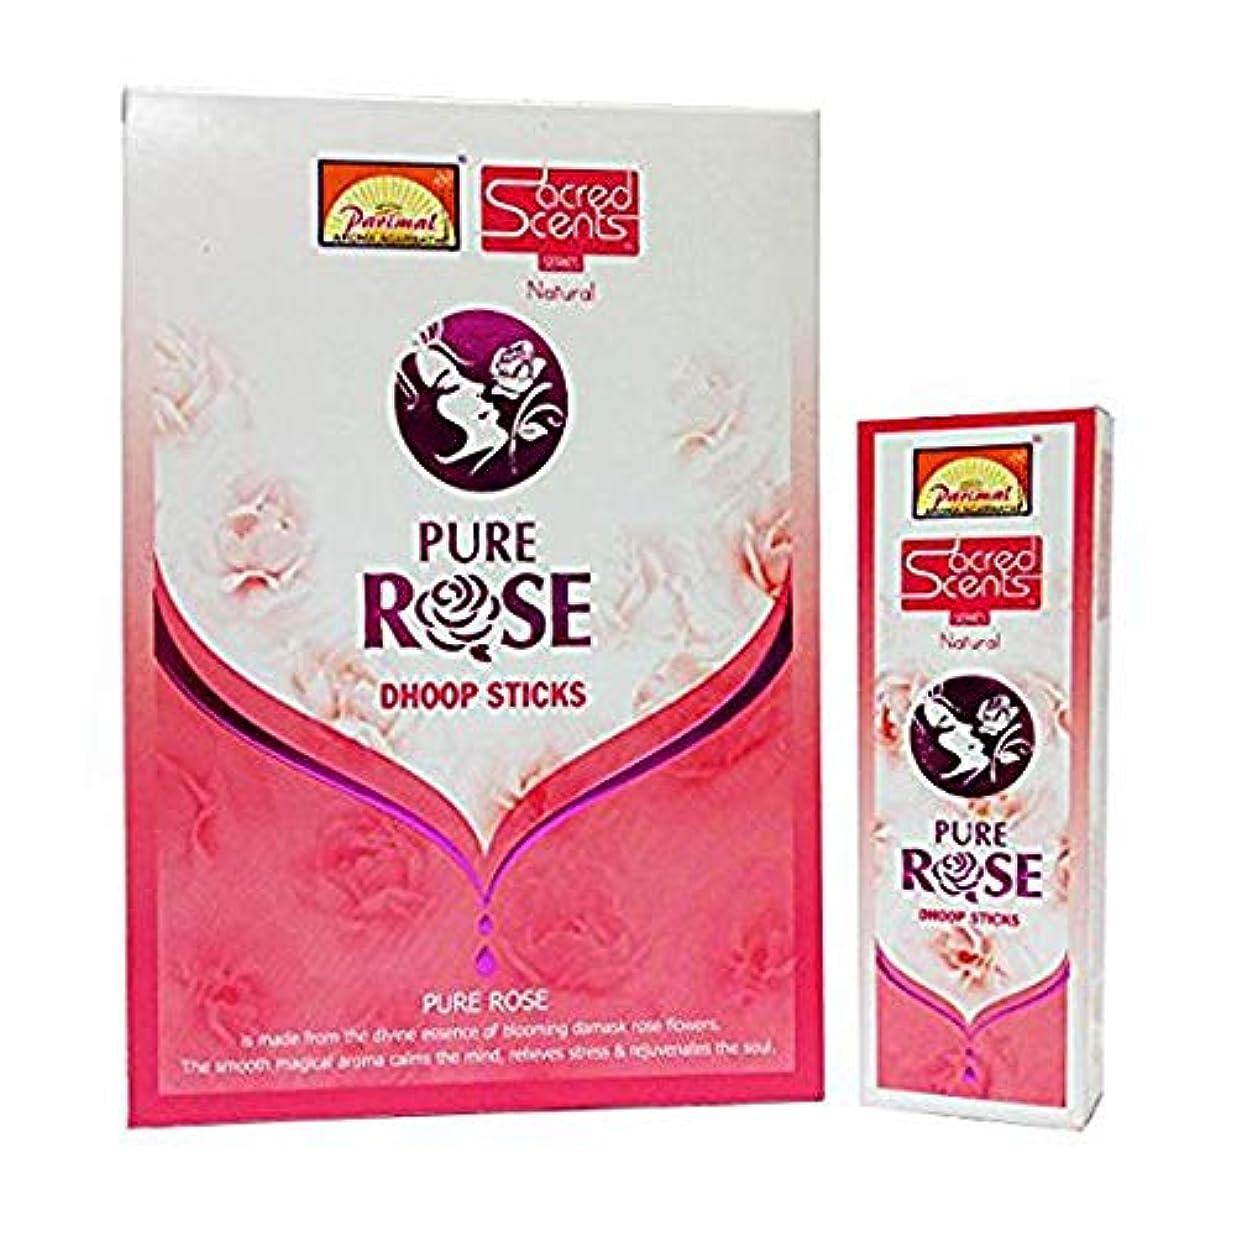 マント破壊的乏しいParimal Sacred Scents Pure Rose Dhoop Sticks 50グラムパック、6カウントin aボックス